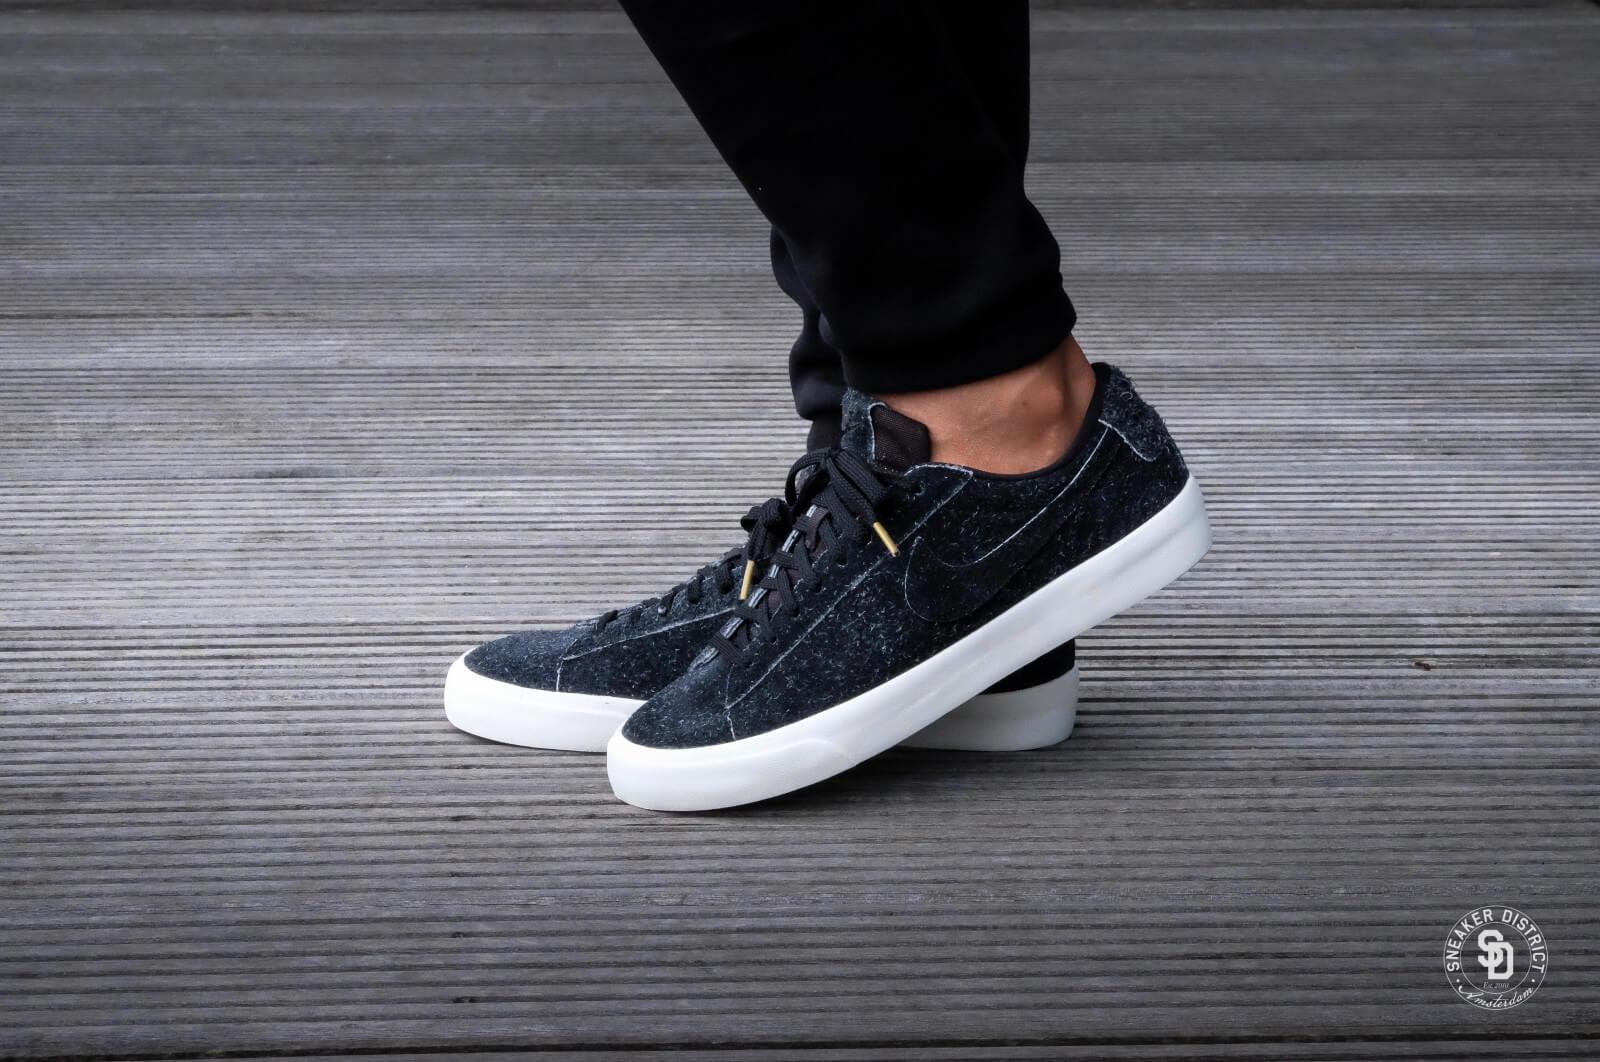 Transición Diplomático Cortar  Nike Blazer Studio Low Black/Gum - 880872-002